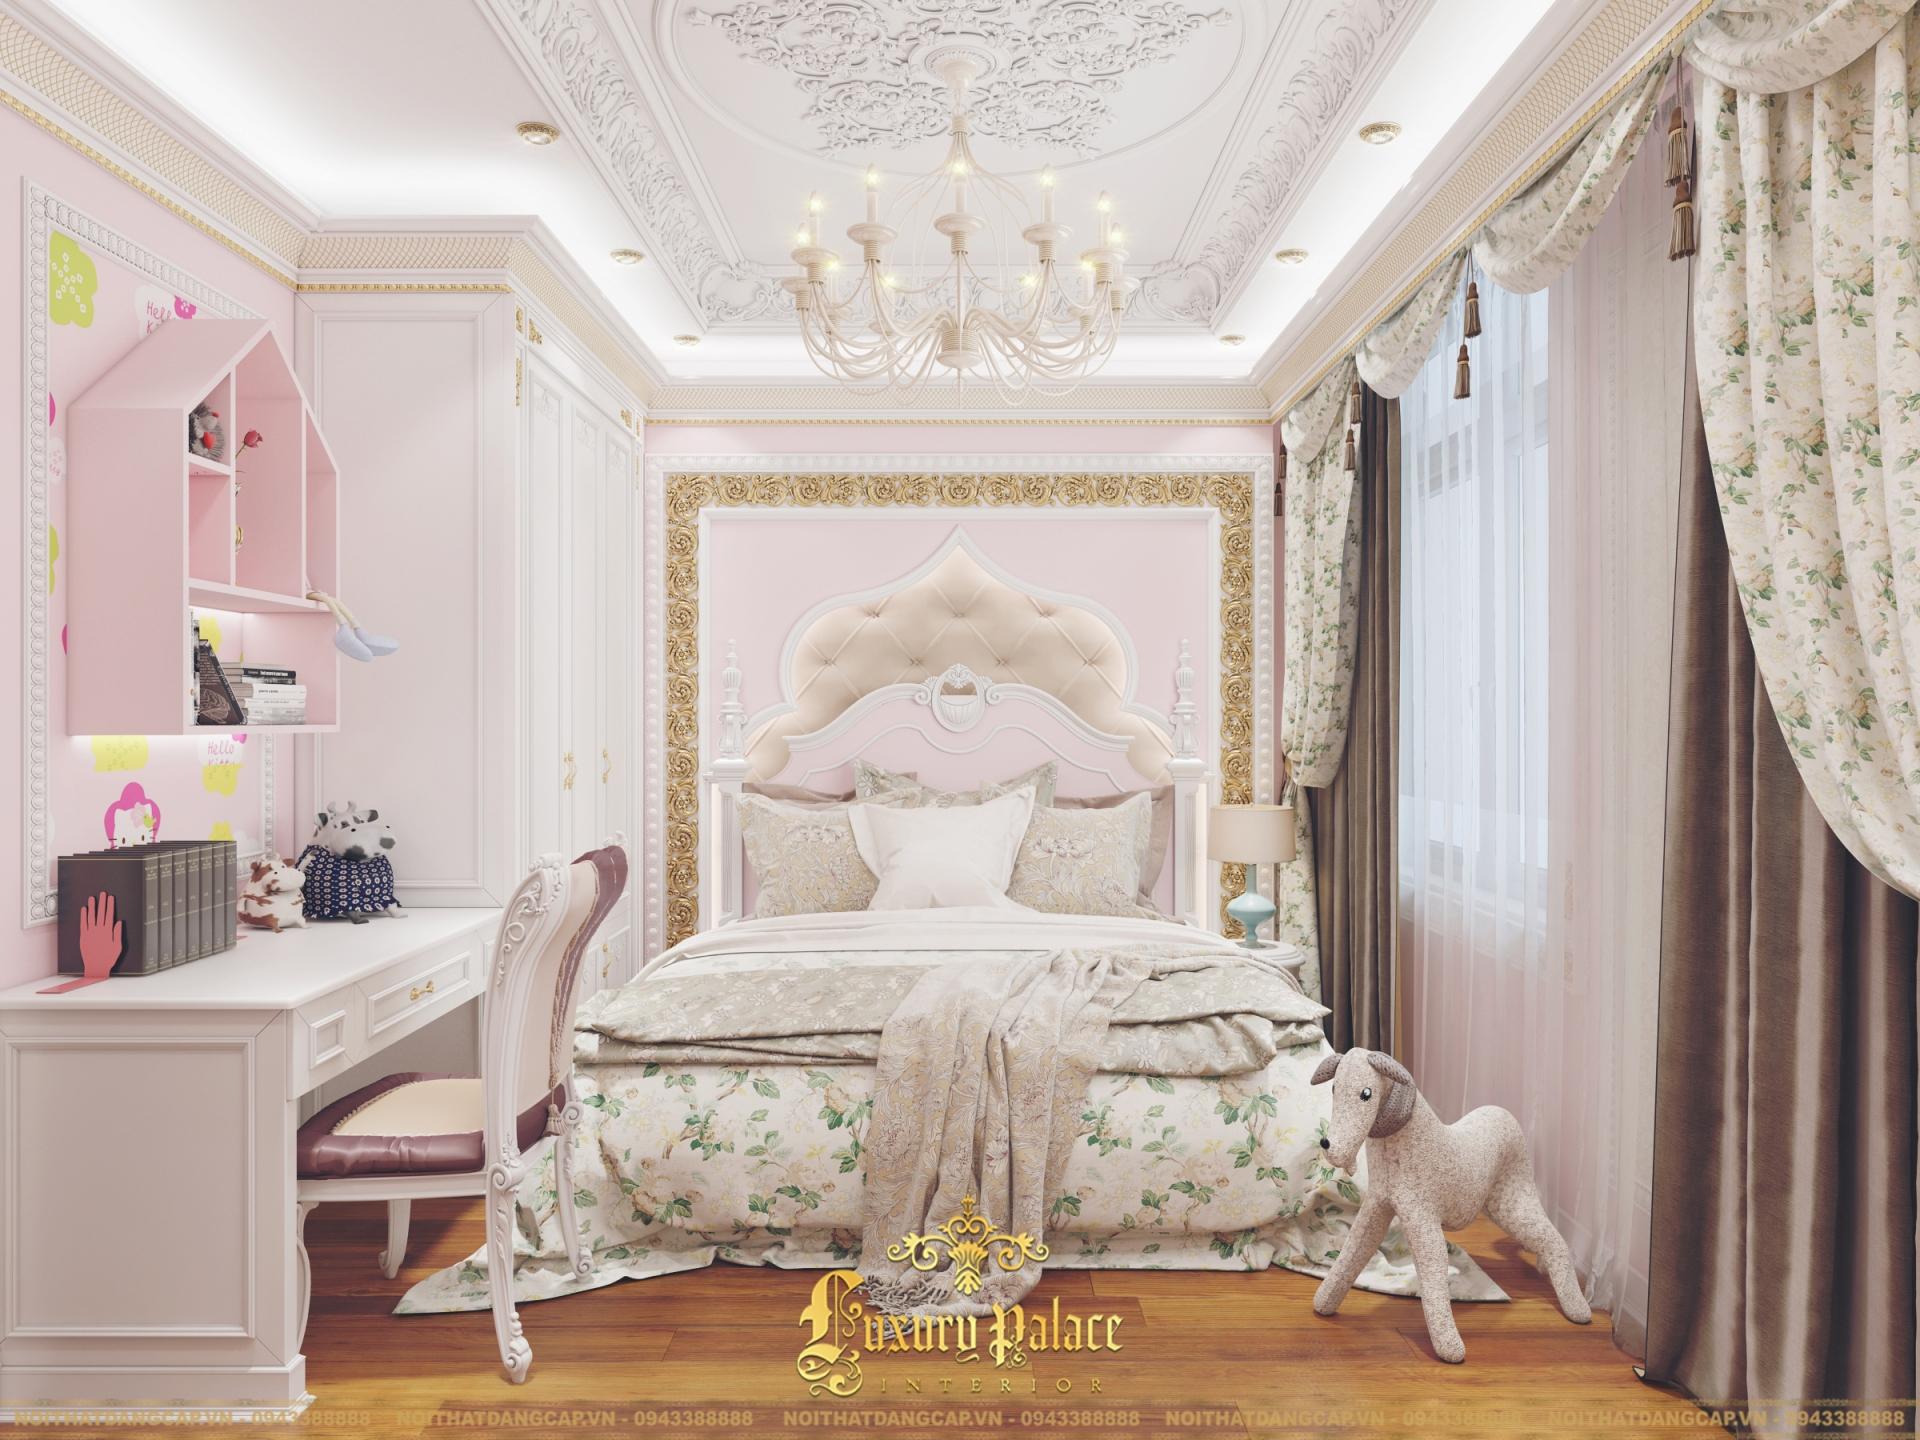 Mẫu thiết kế phòng ngủ phong cách tân cổ điển châu Âu 23